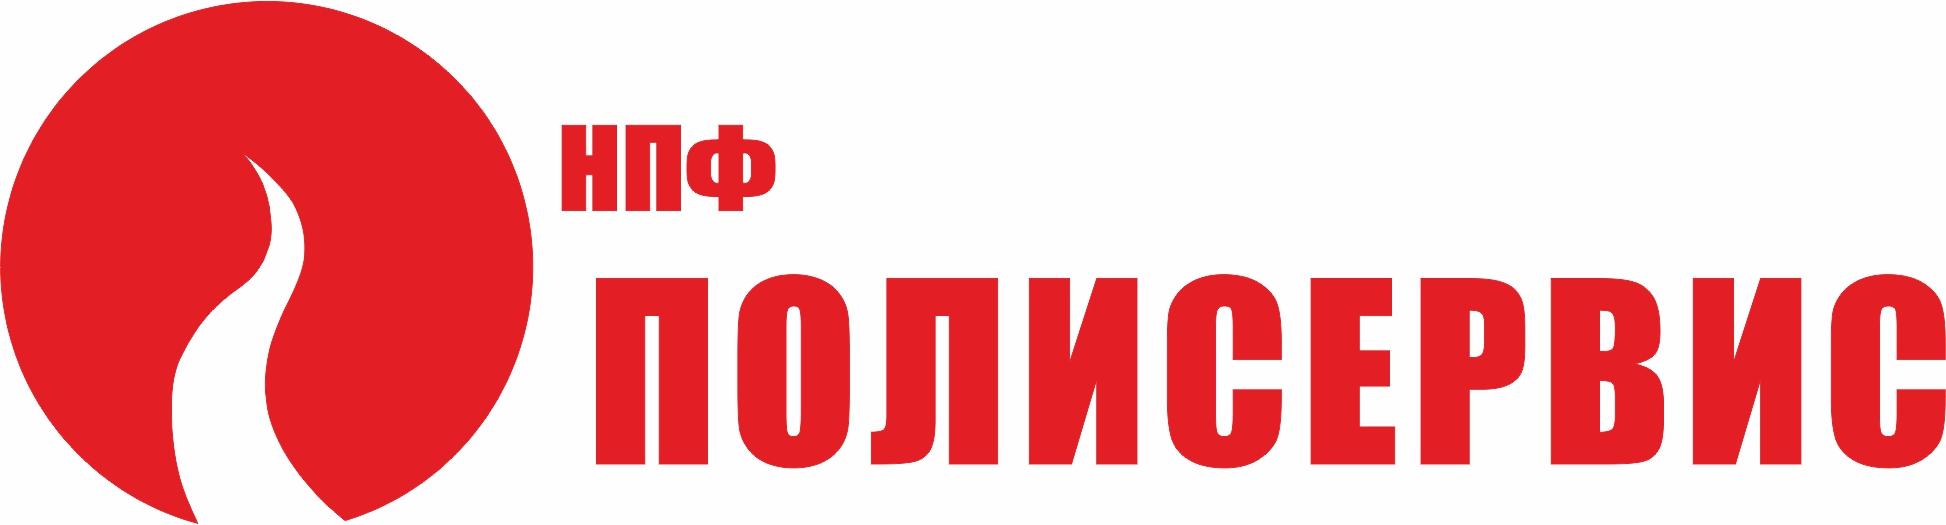 Извещатели охранные Полисервис